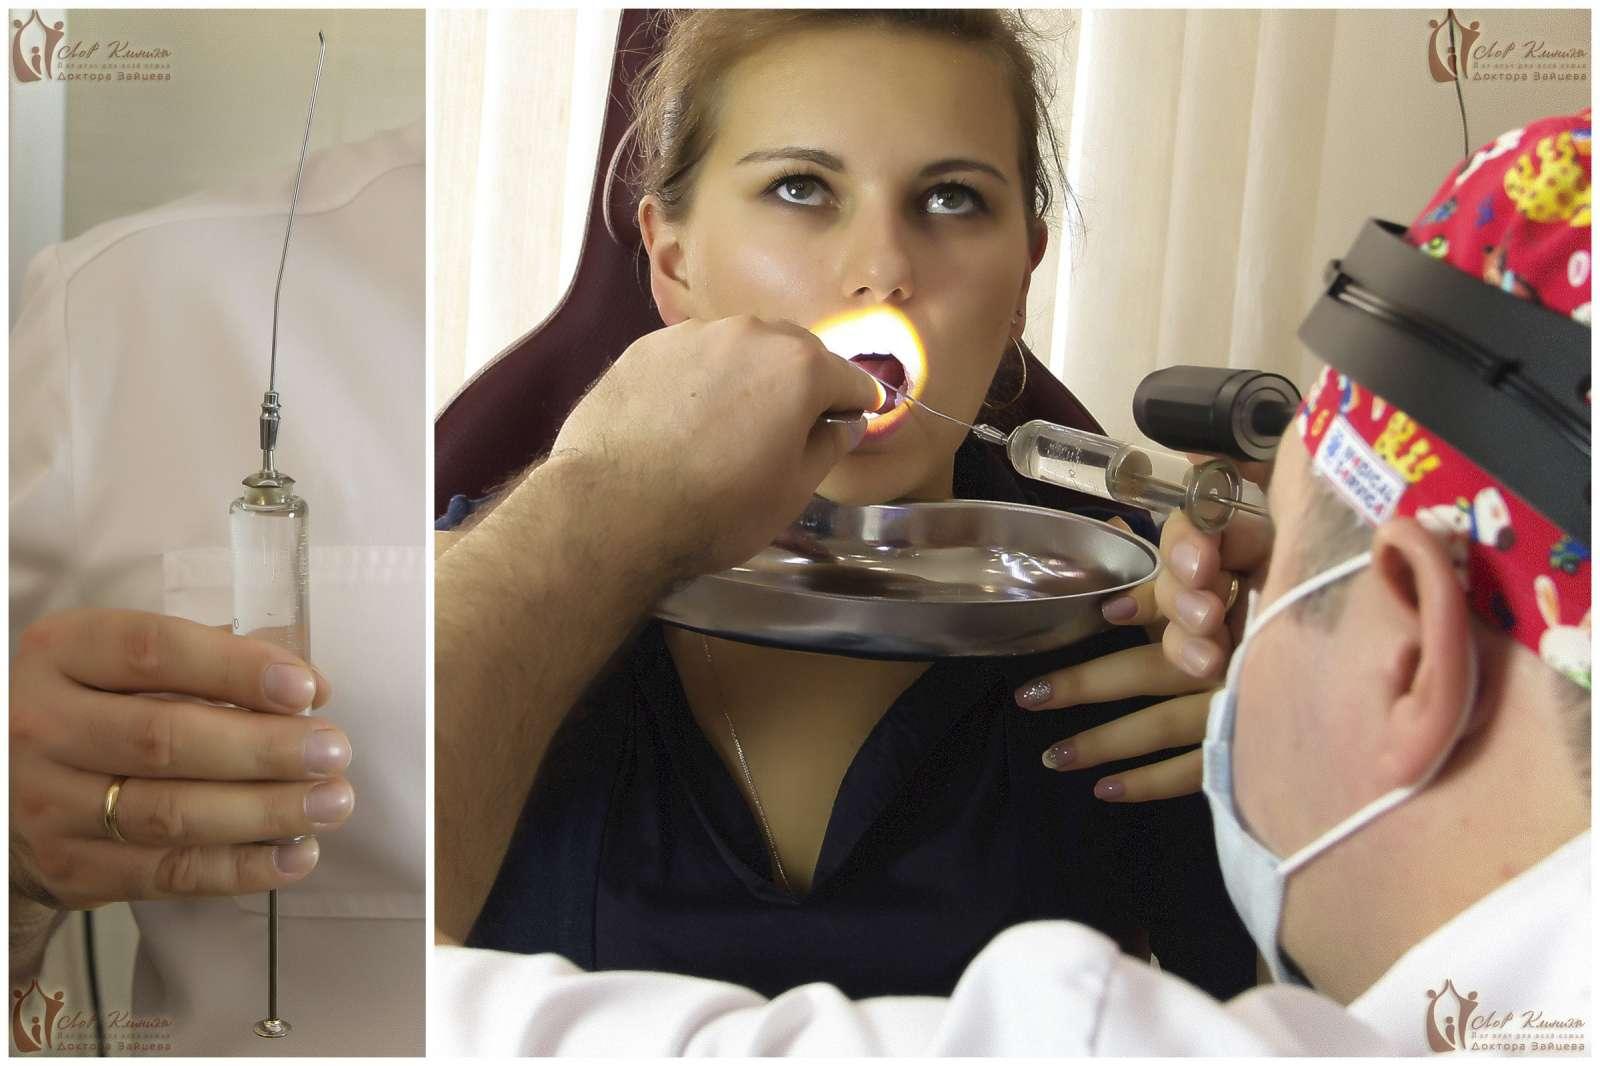 Фото горлового мінета, Порно фото глубокая глотка, кончают в глубокую глотку 26 фотография